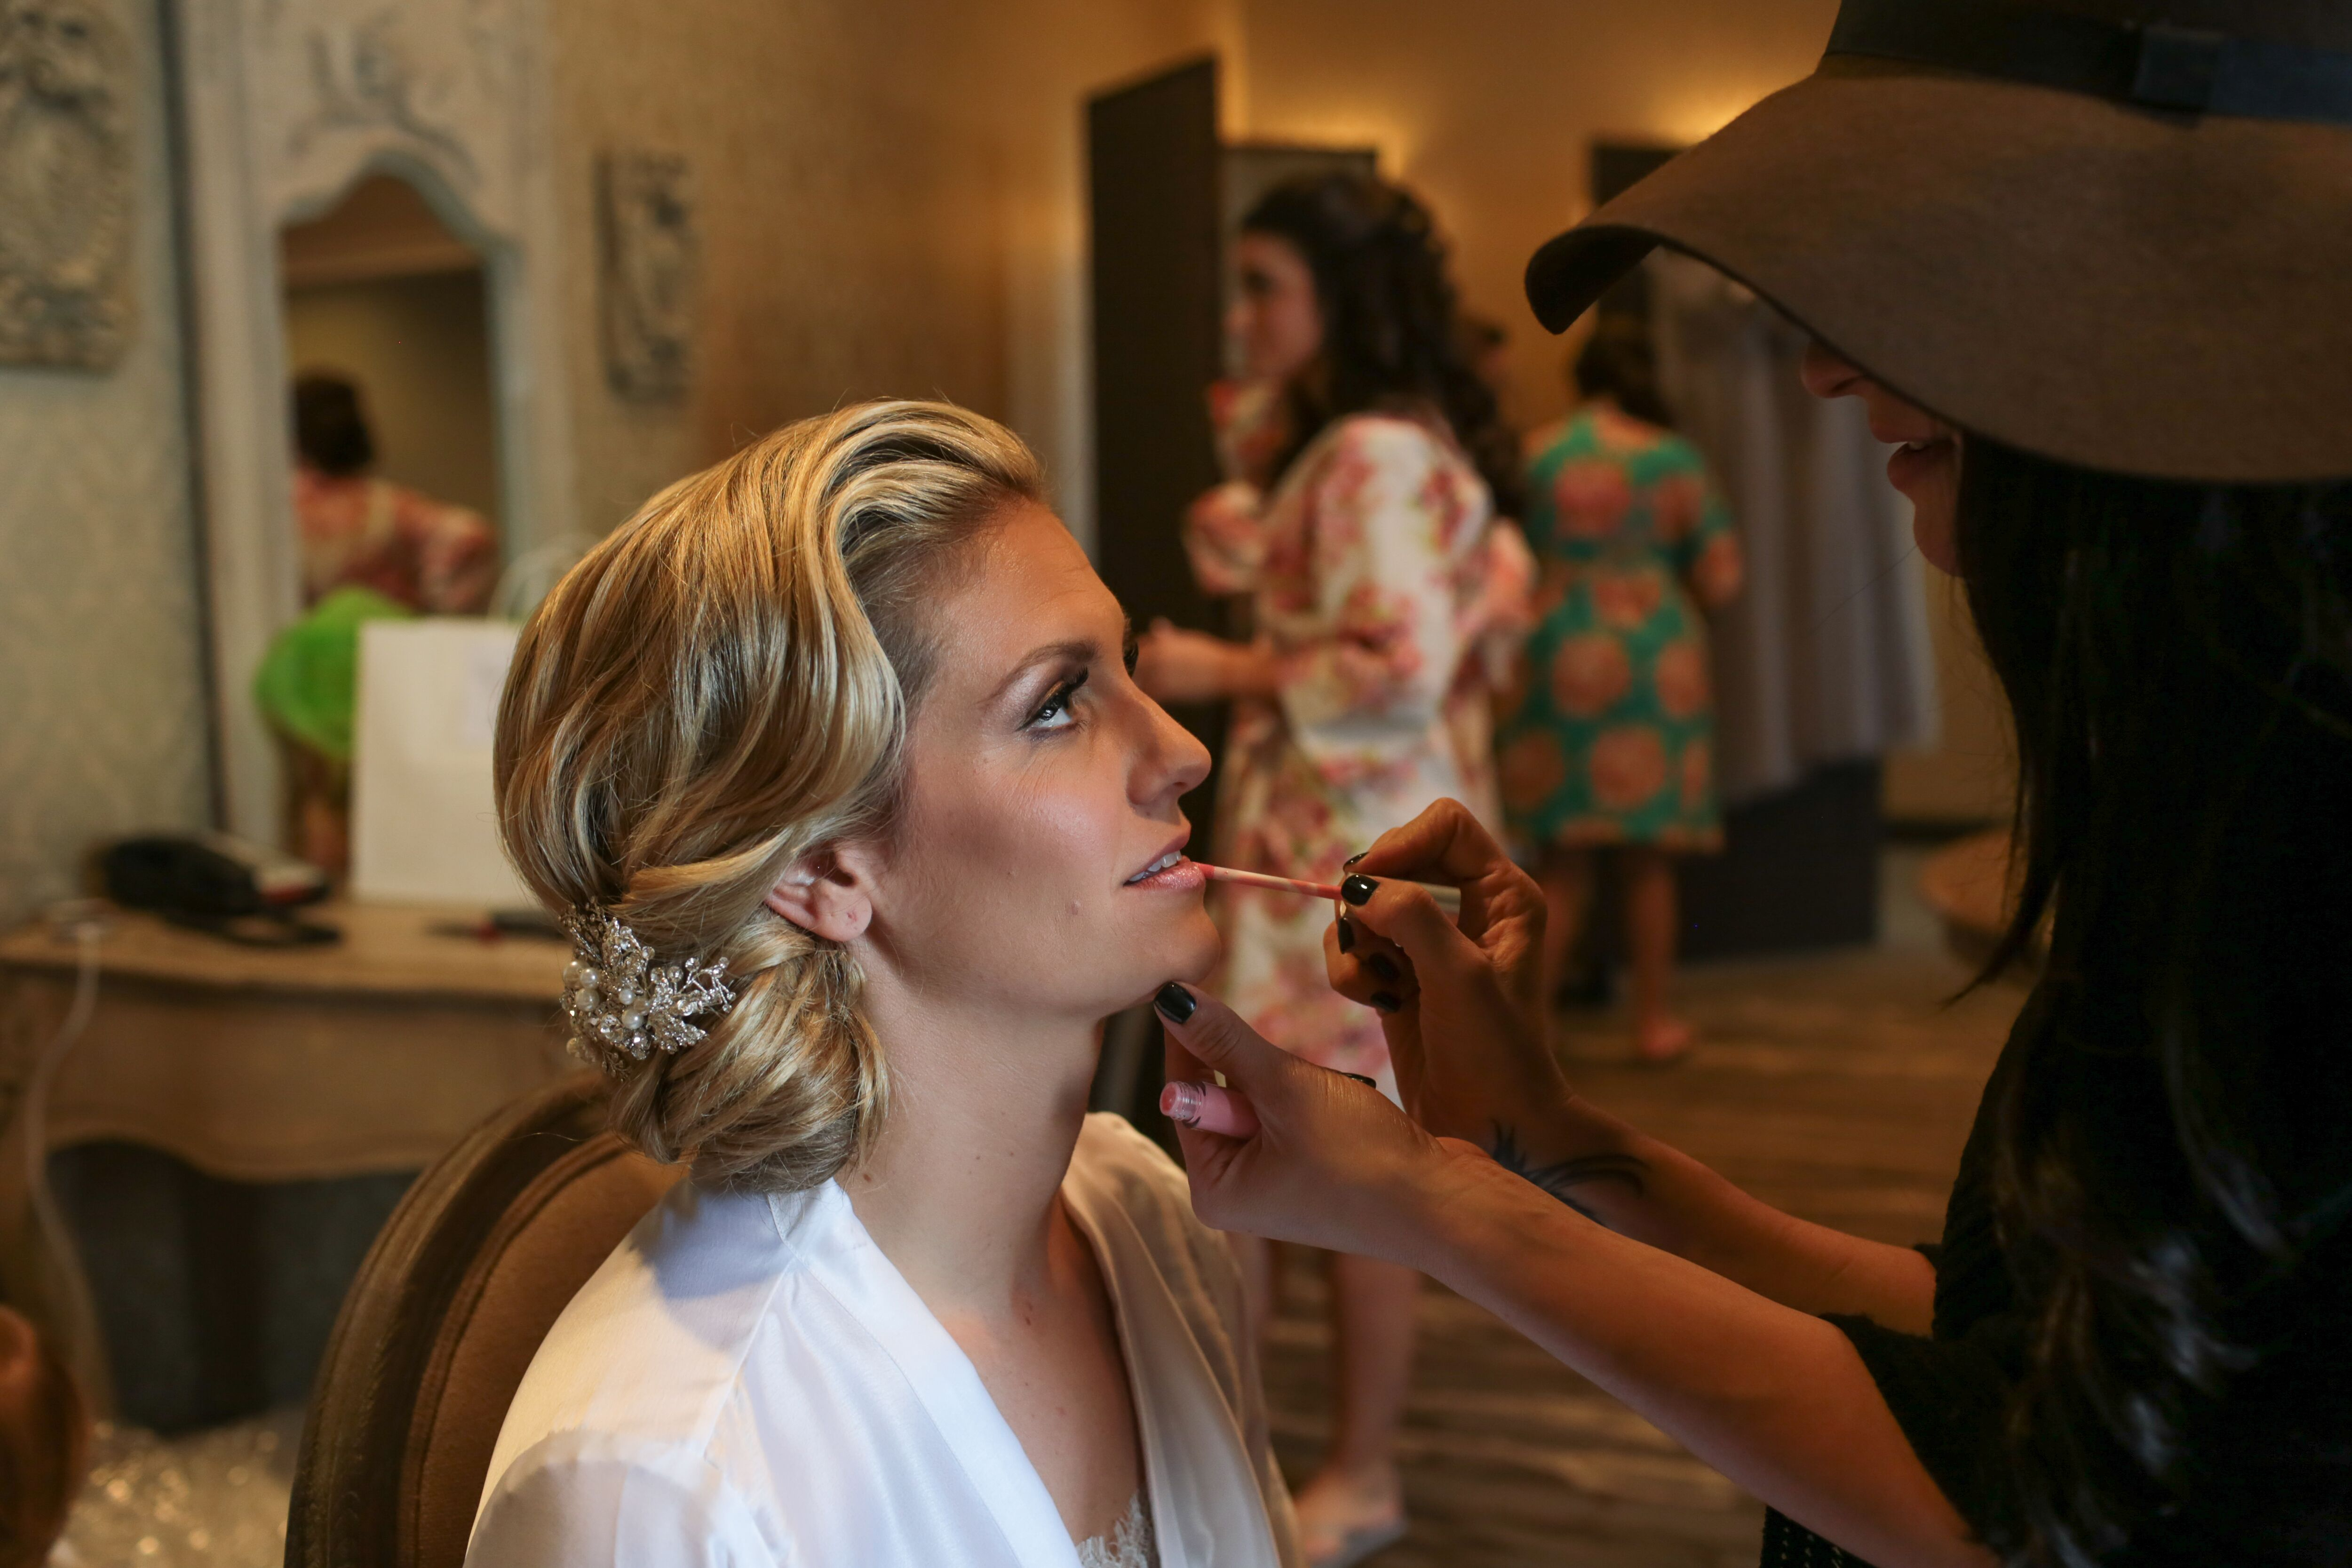 3ff3ba86932 Annaliese & Co. Bridal Hair And Makeup Artistry   Beauty - Fishkill, NY